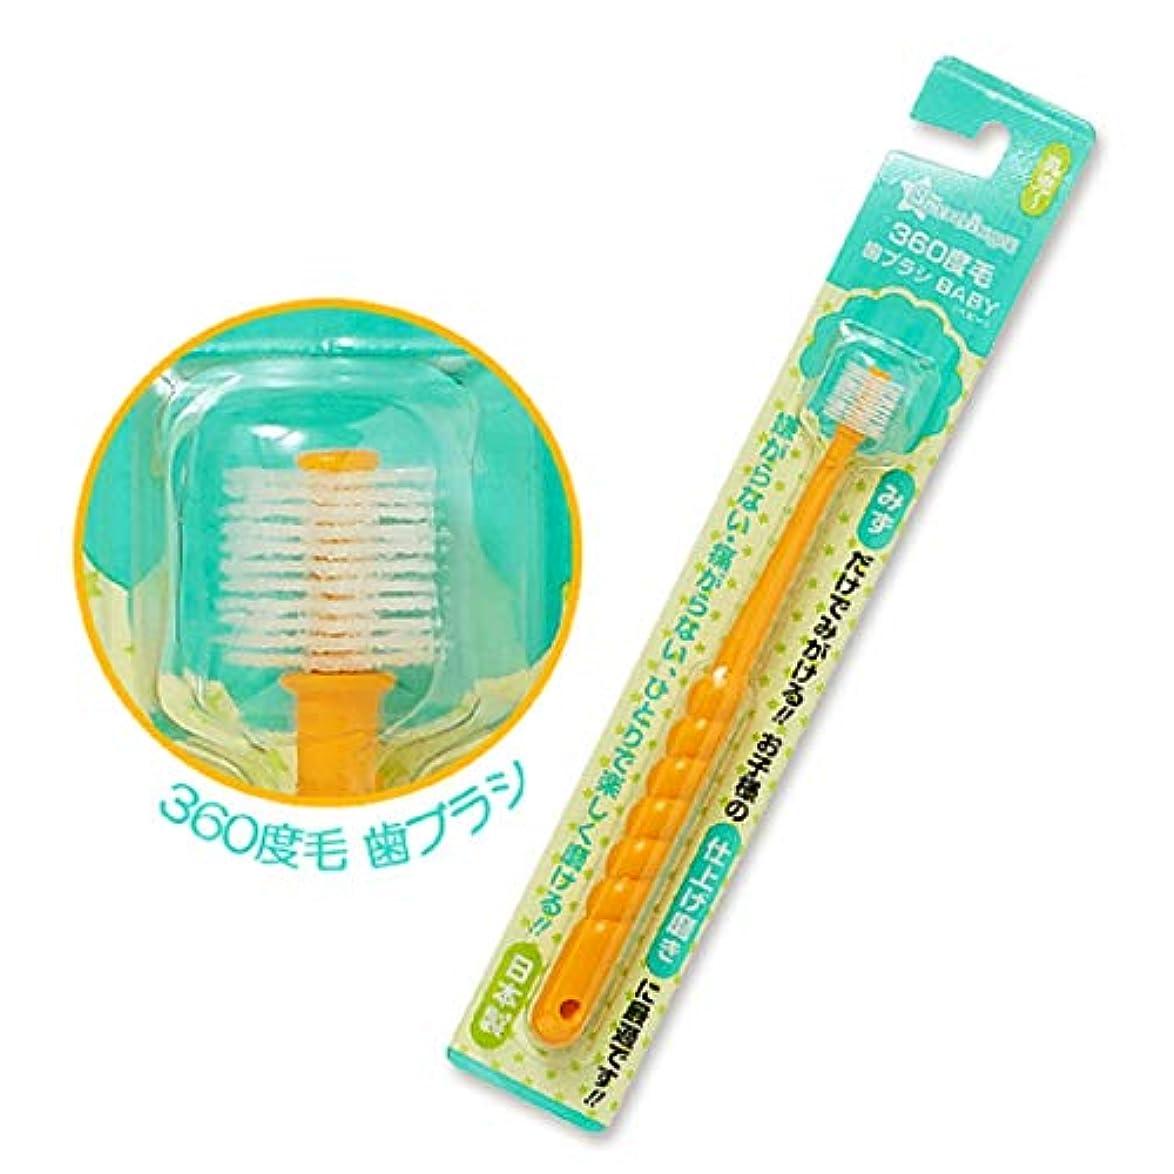 青写真行商私たち西松屋 SmartAngel) 360度毛歯ブラシBABY(オレンジ)